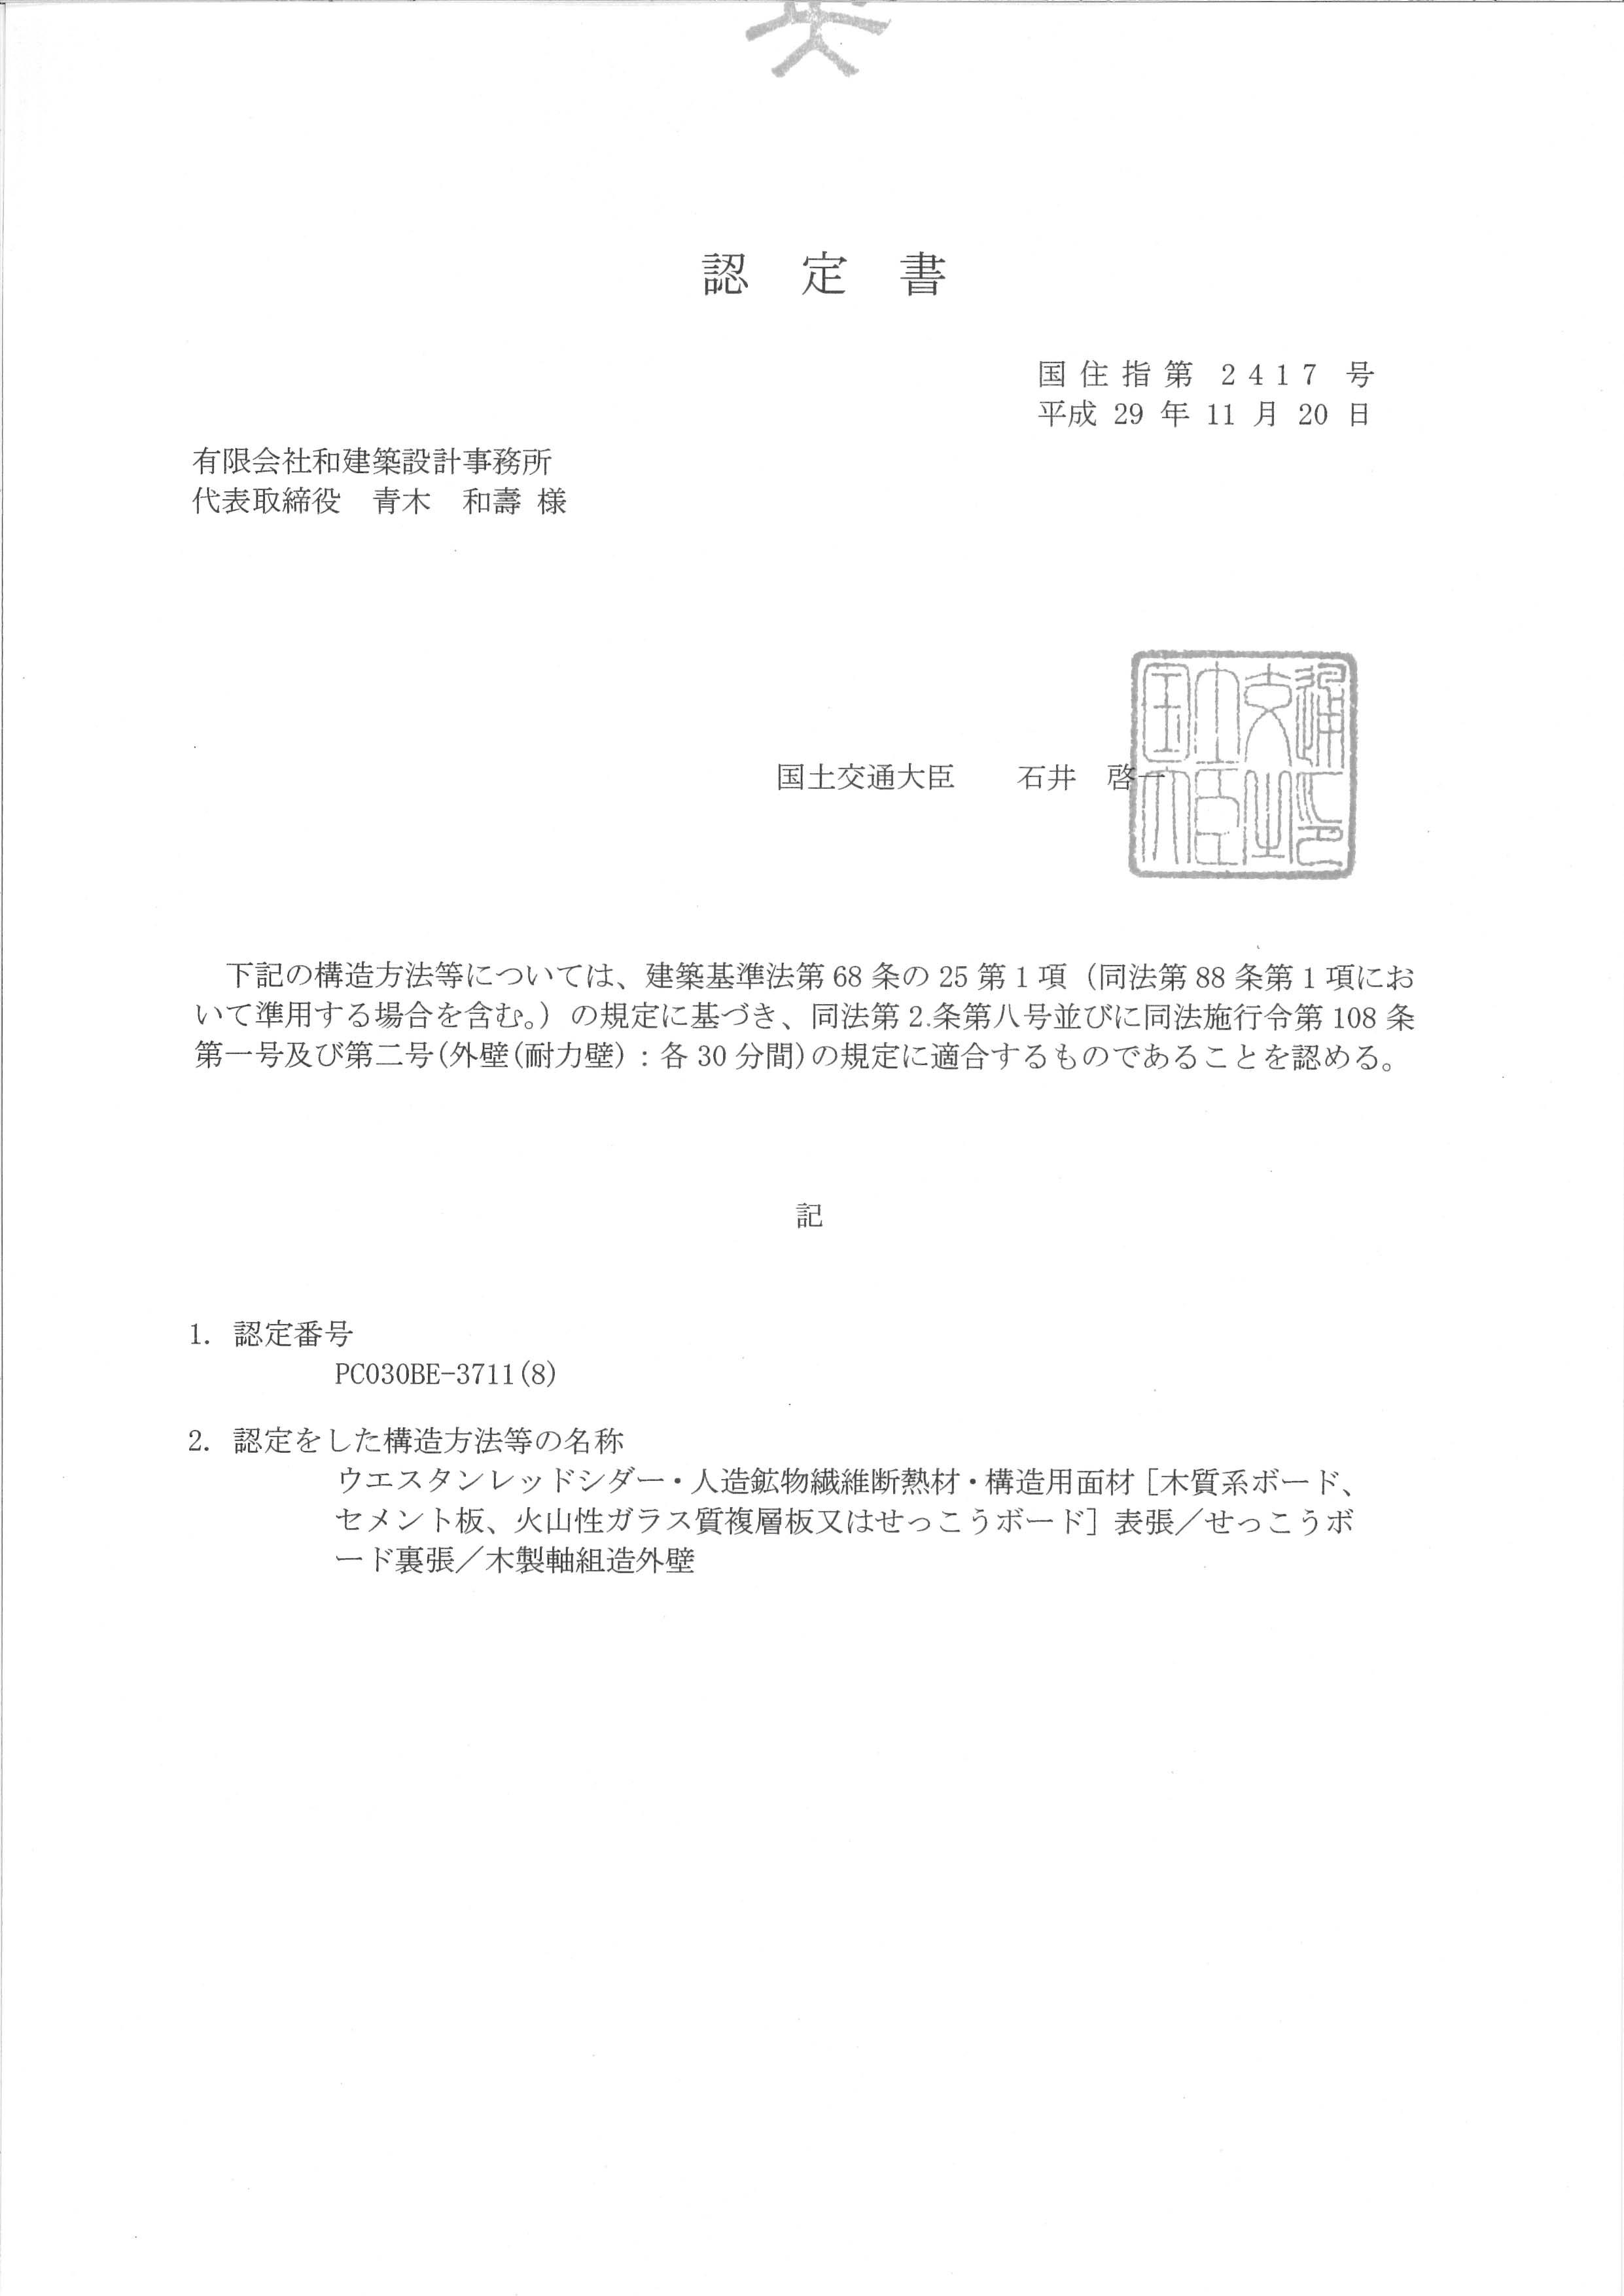 ウエスタンレッドシダー防火構造_ページ_08.jpg